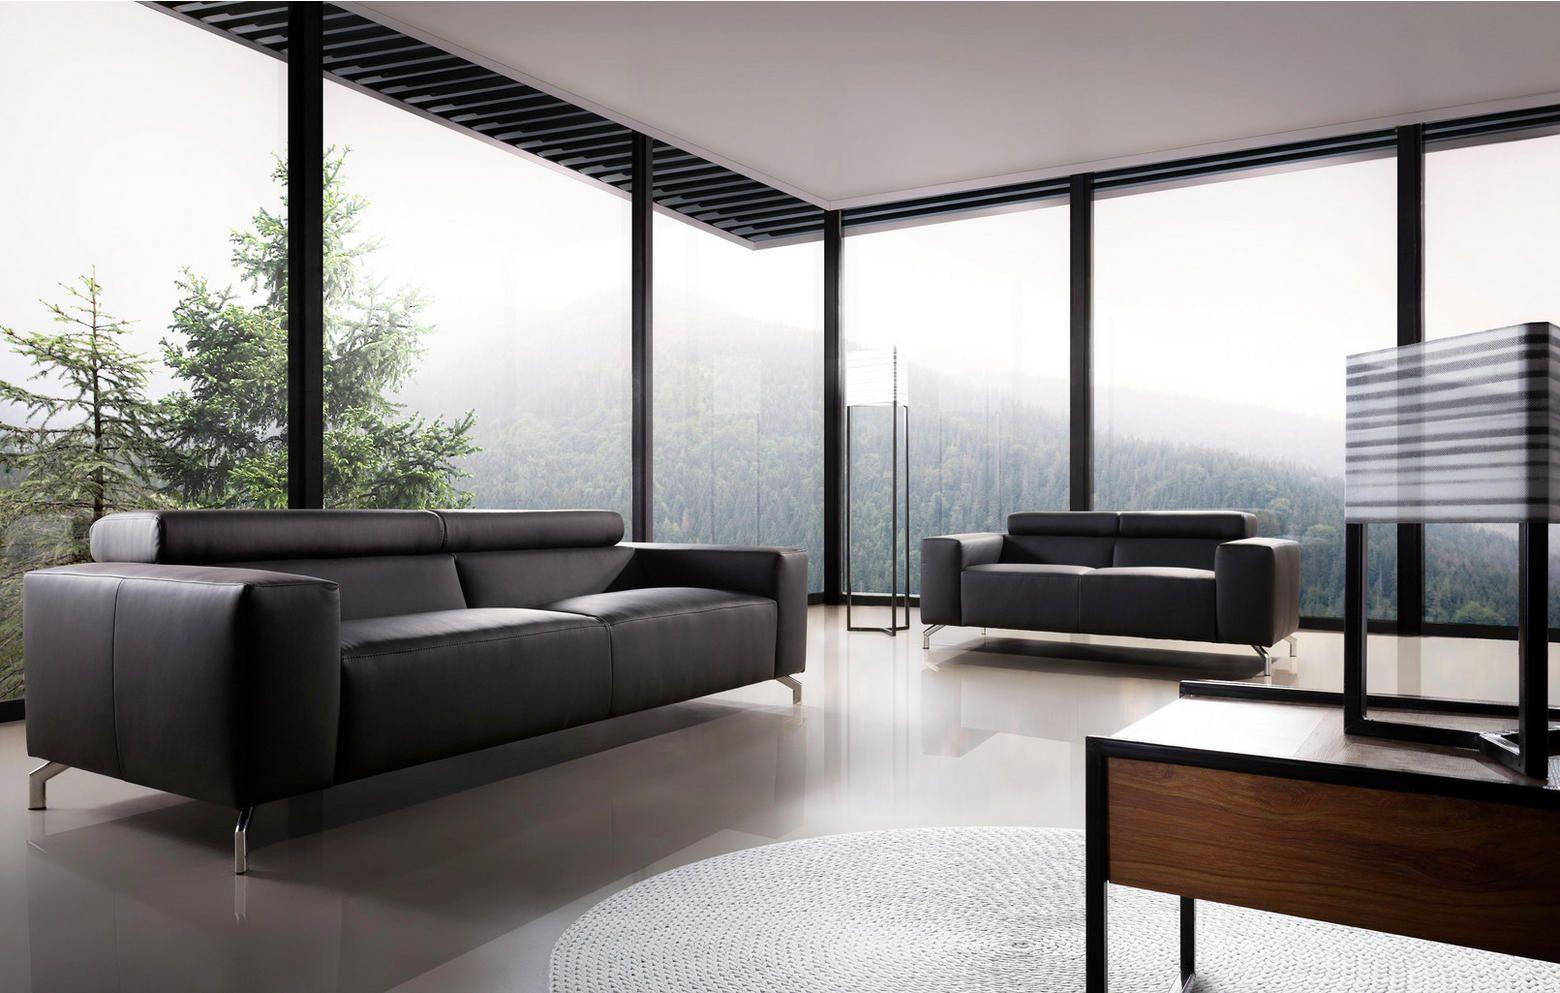 2,5-Sitzer Sofa Schwarz | Schwarzes sofa, Sofa, Modernes ...